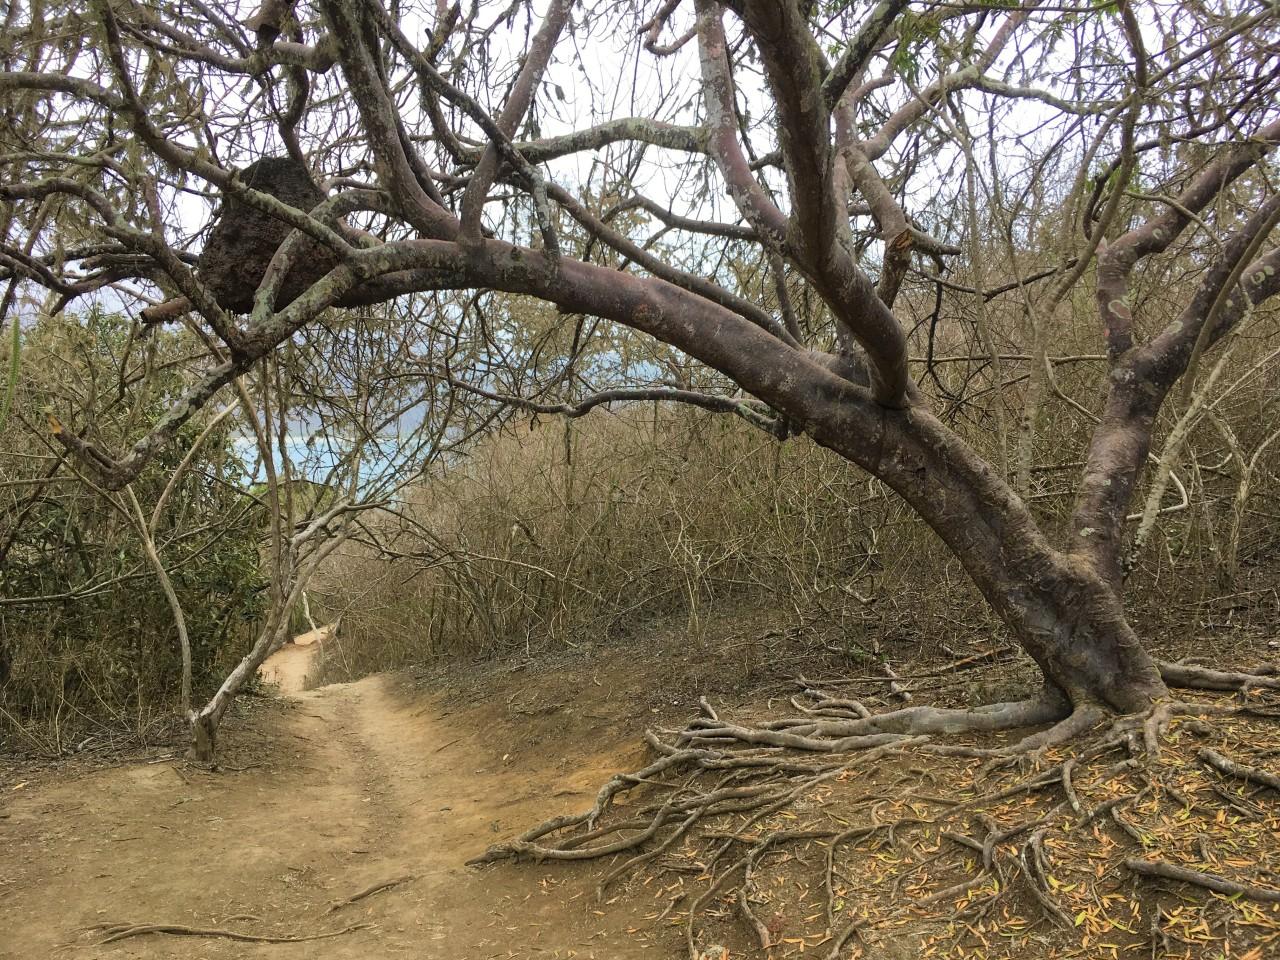 Palo santo, the sacred wood of LatinAmerica